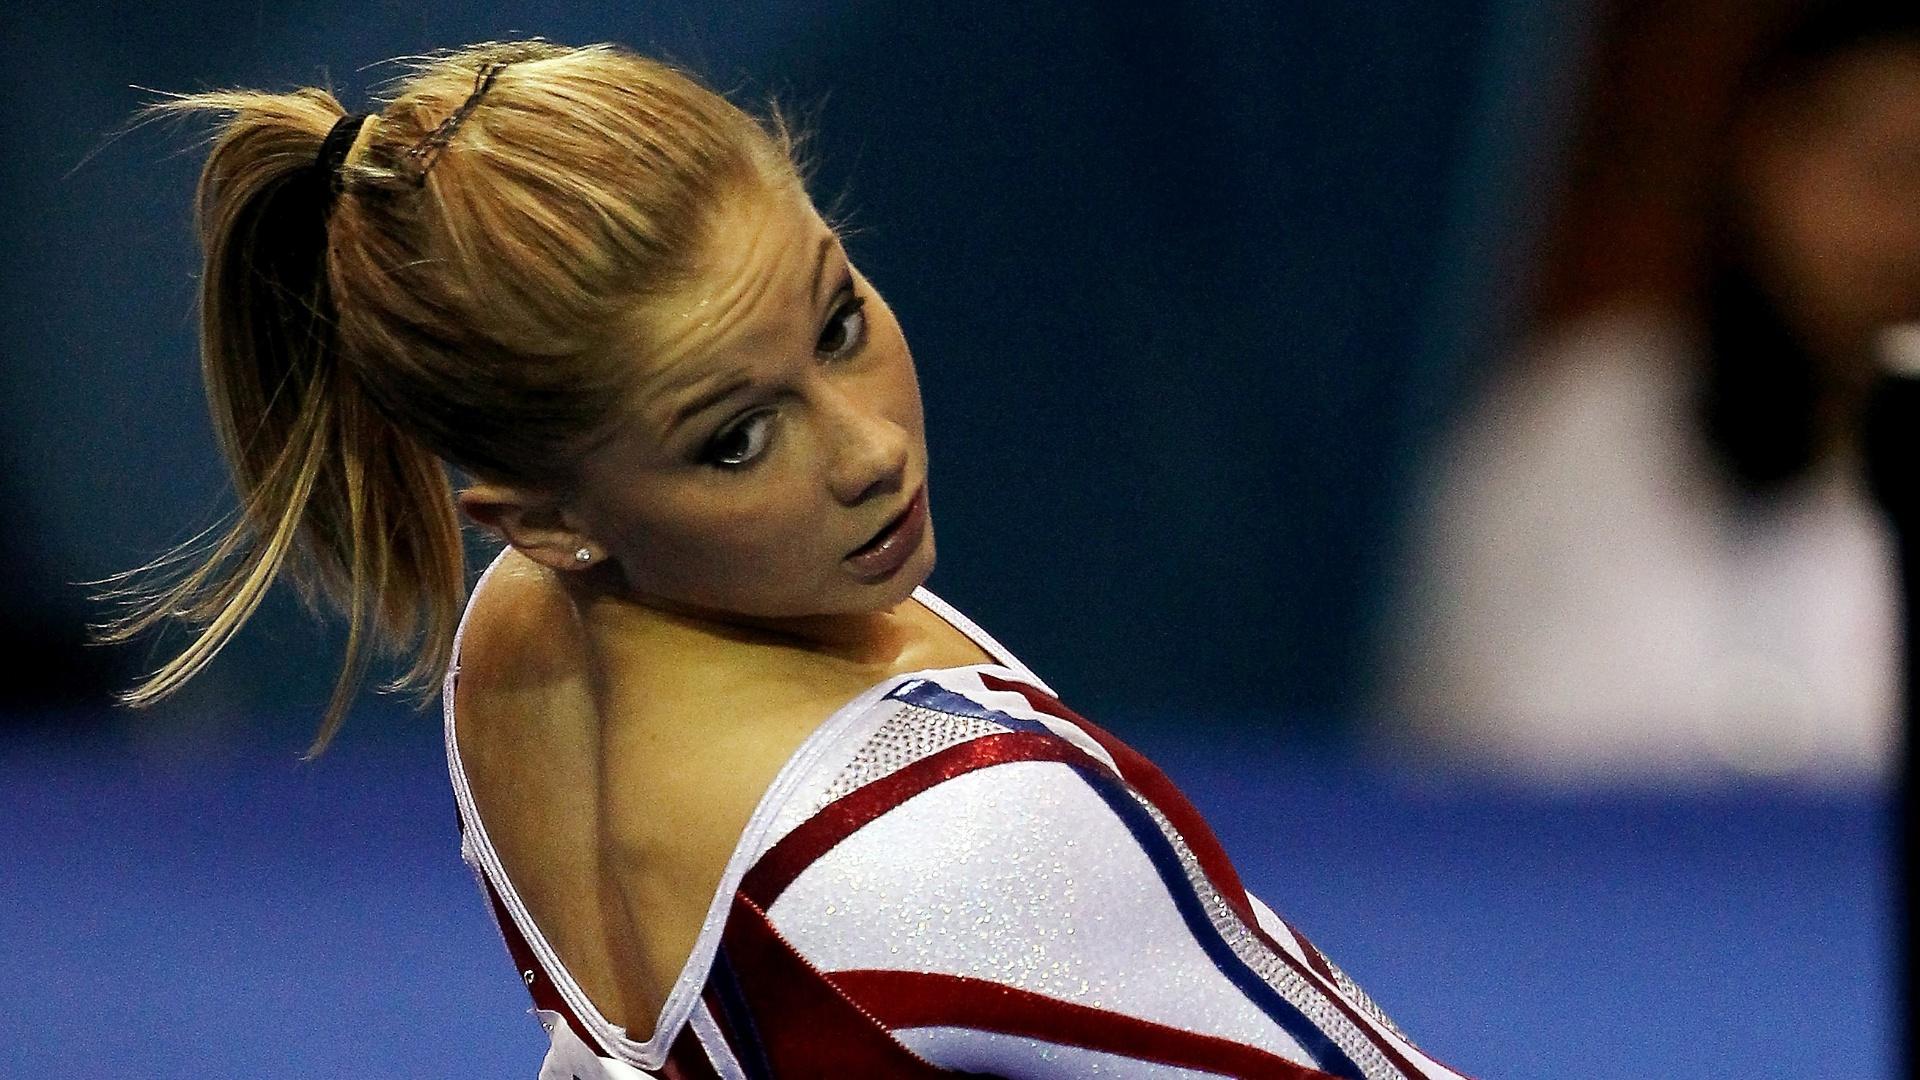 Shawn Johnson durante o Pan de Guadalajara, quando ela voltou a competir internacionalmente após o ouro em Pequim